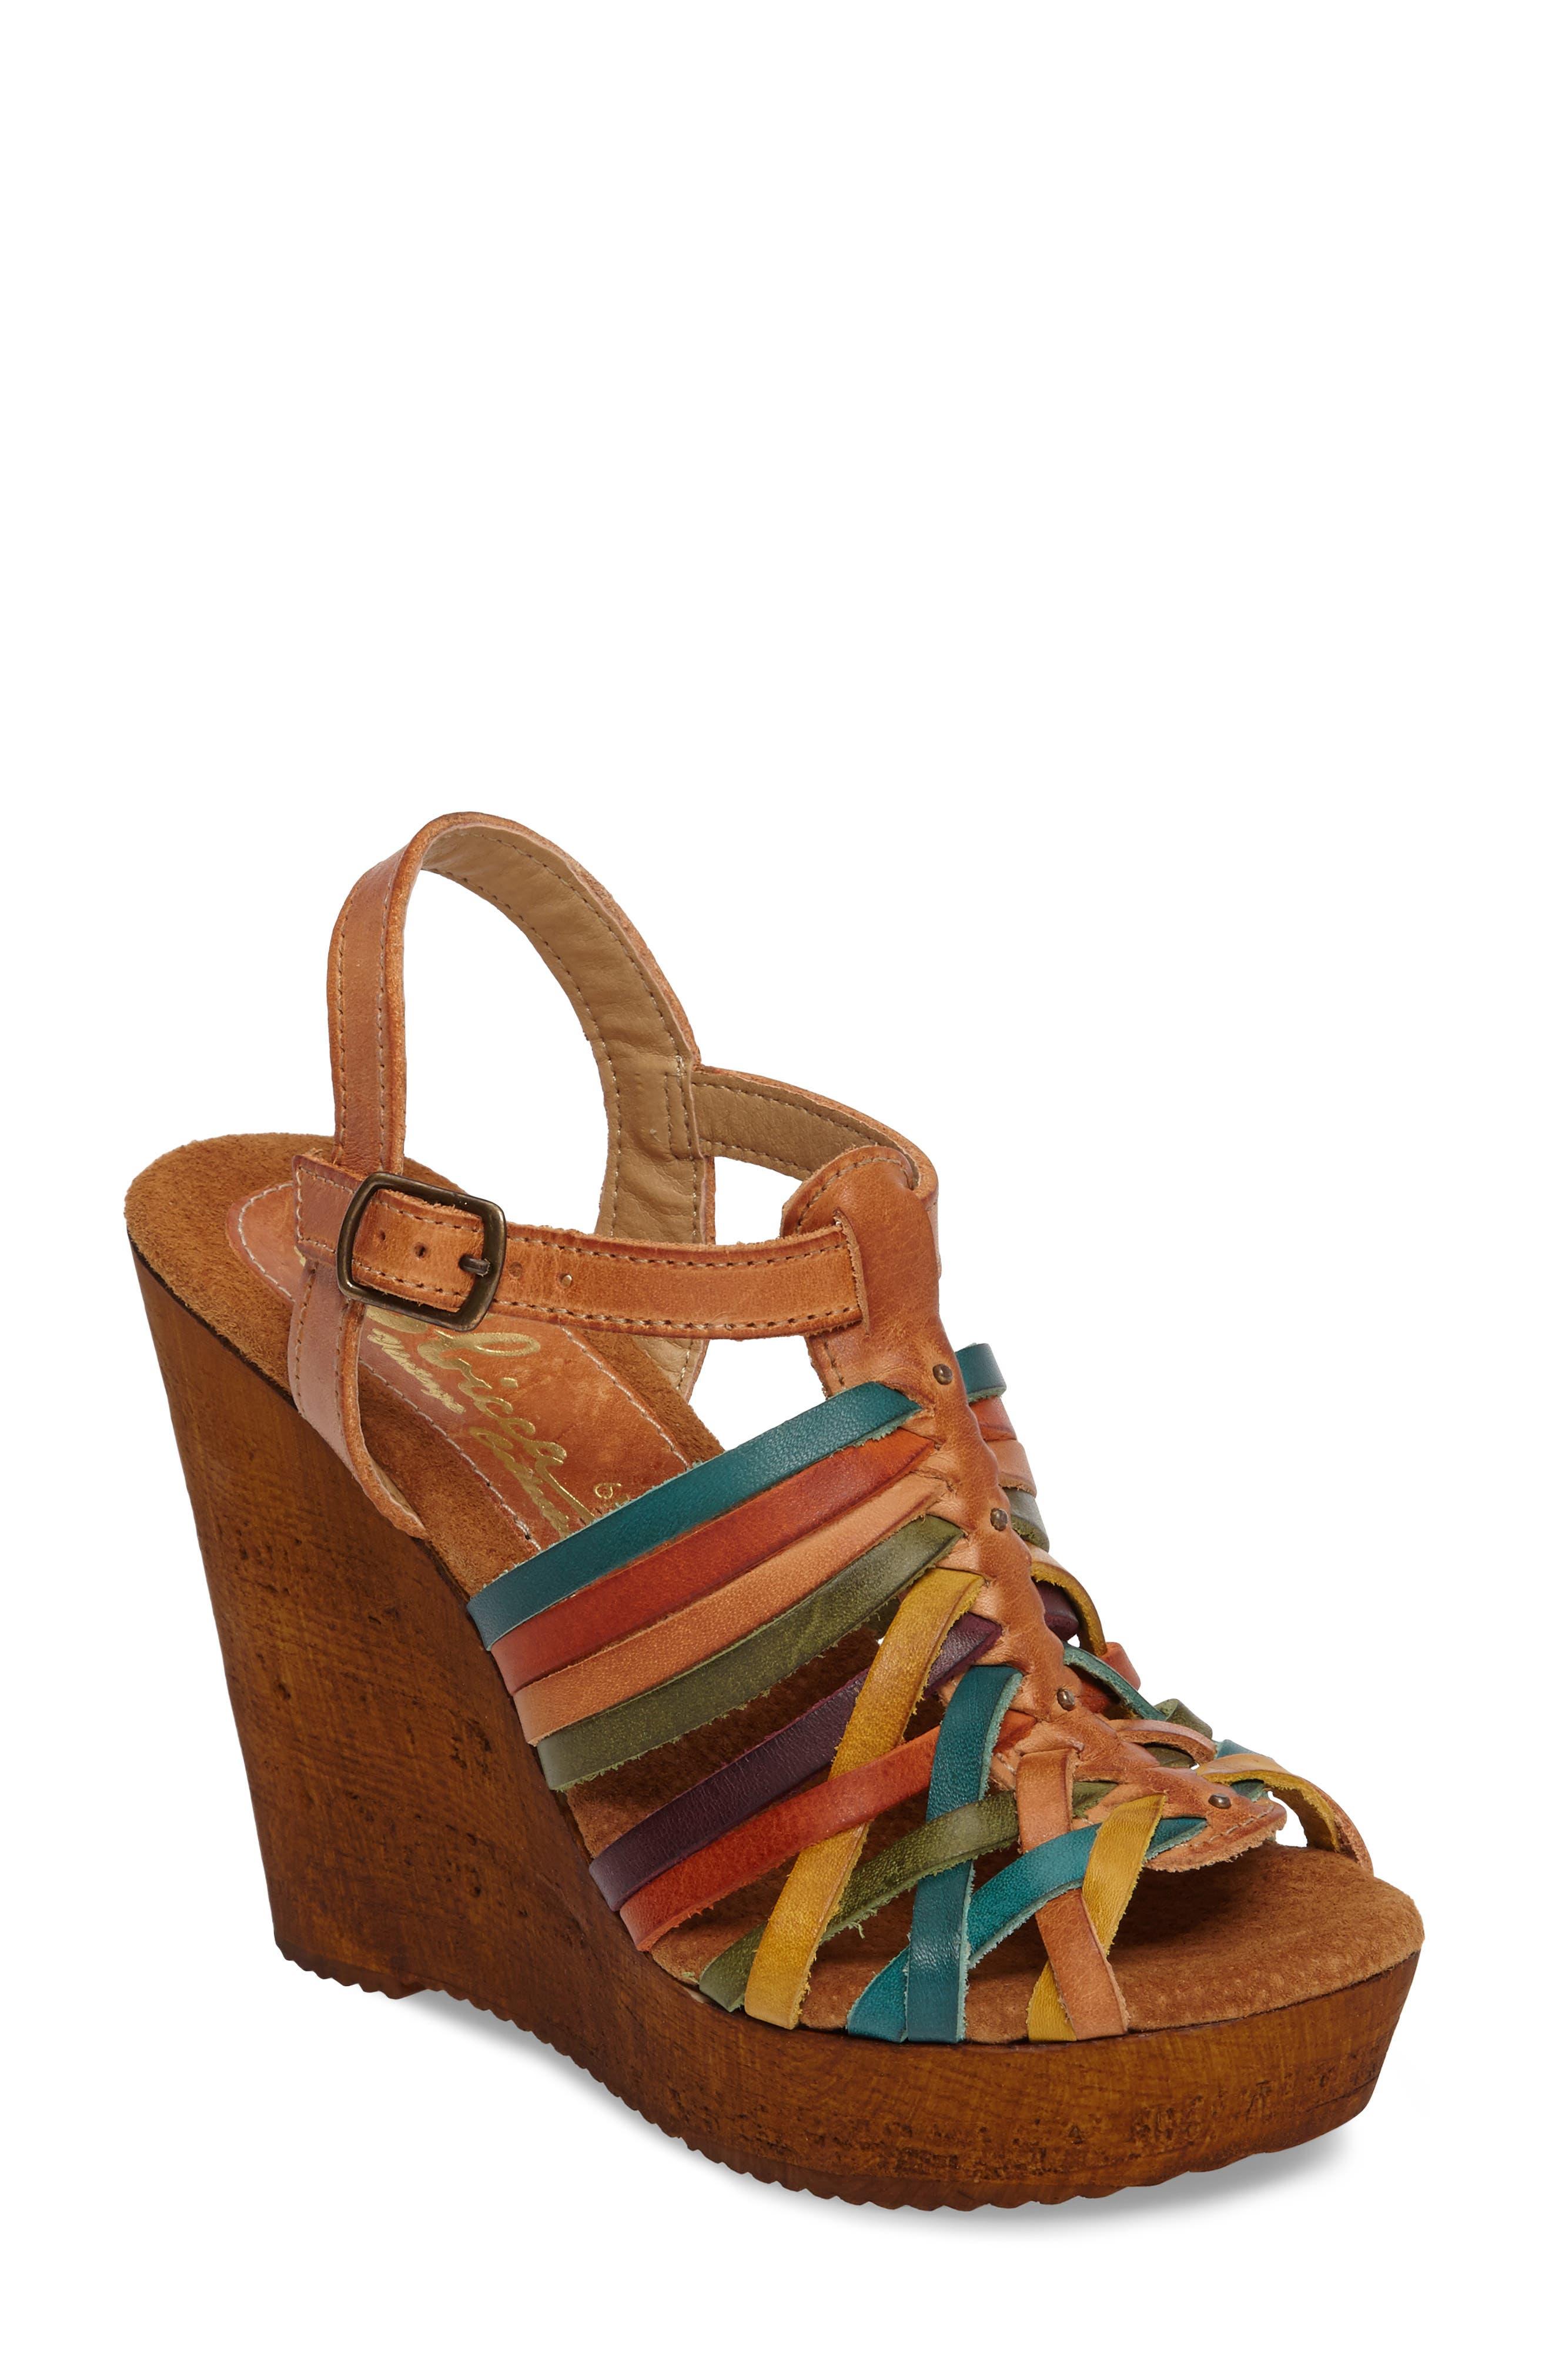 Sbicca Women's Jimena Platform Wedge Sandal sqy9c1uo0u